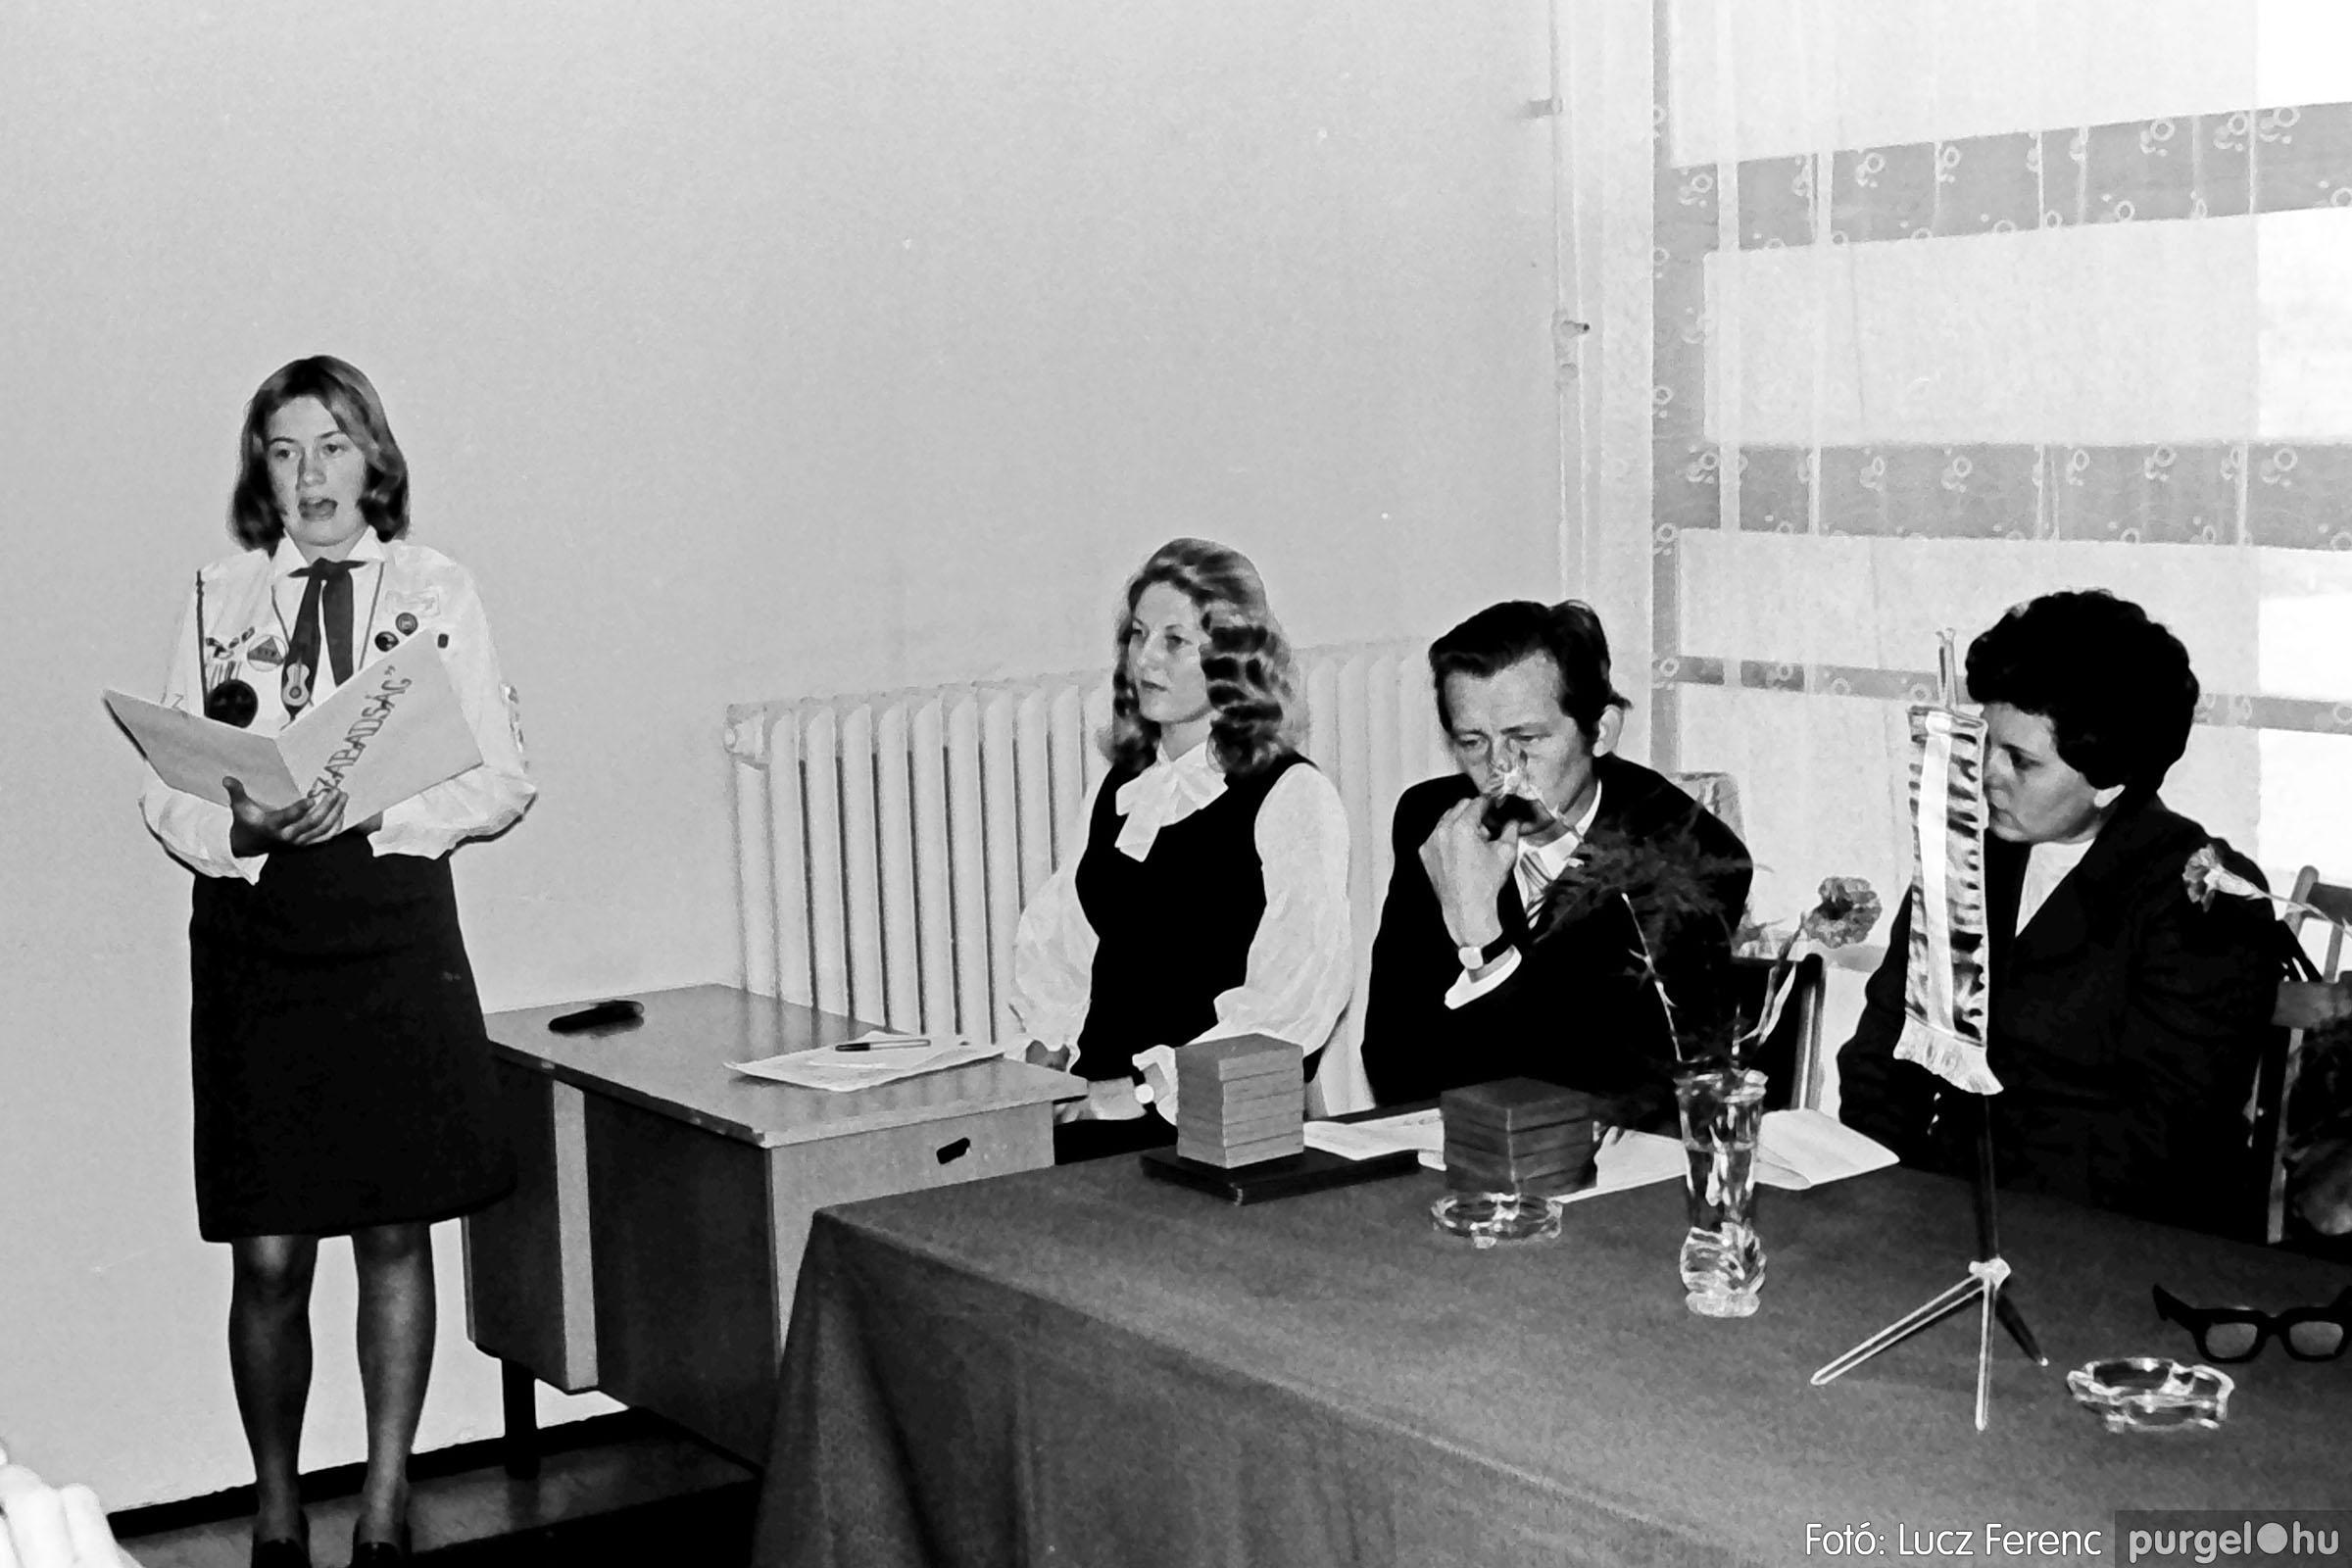 022 1975. Ünnepi ülés a tanácsházán 001 - Fotó: Lucz Ferenc .jpg